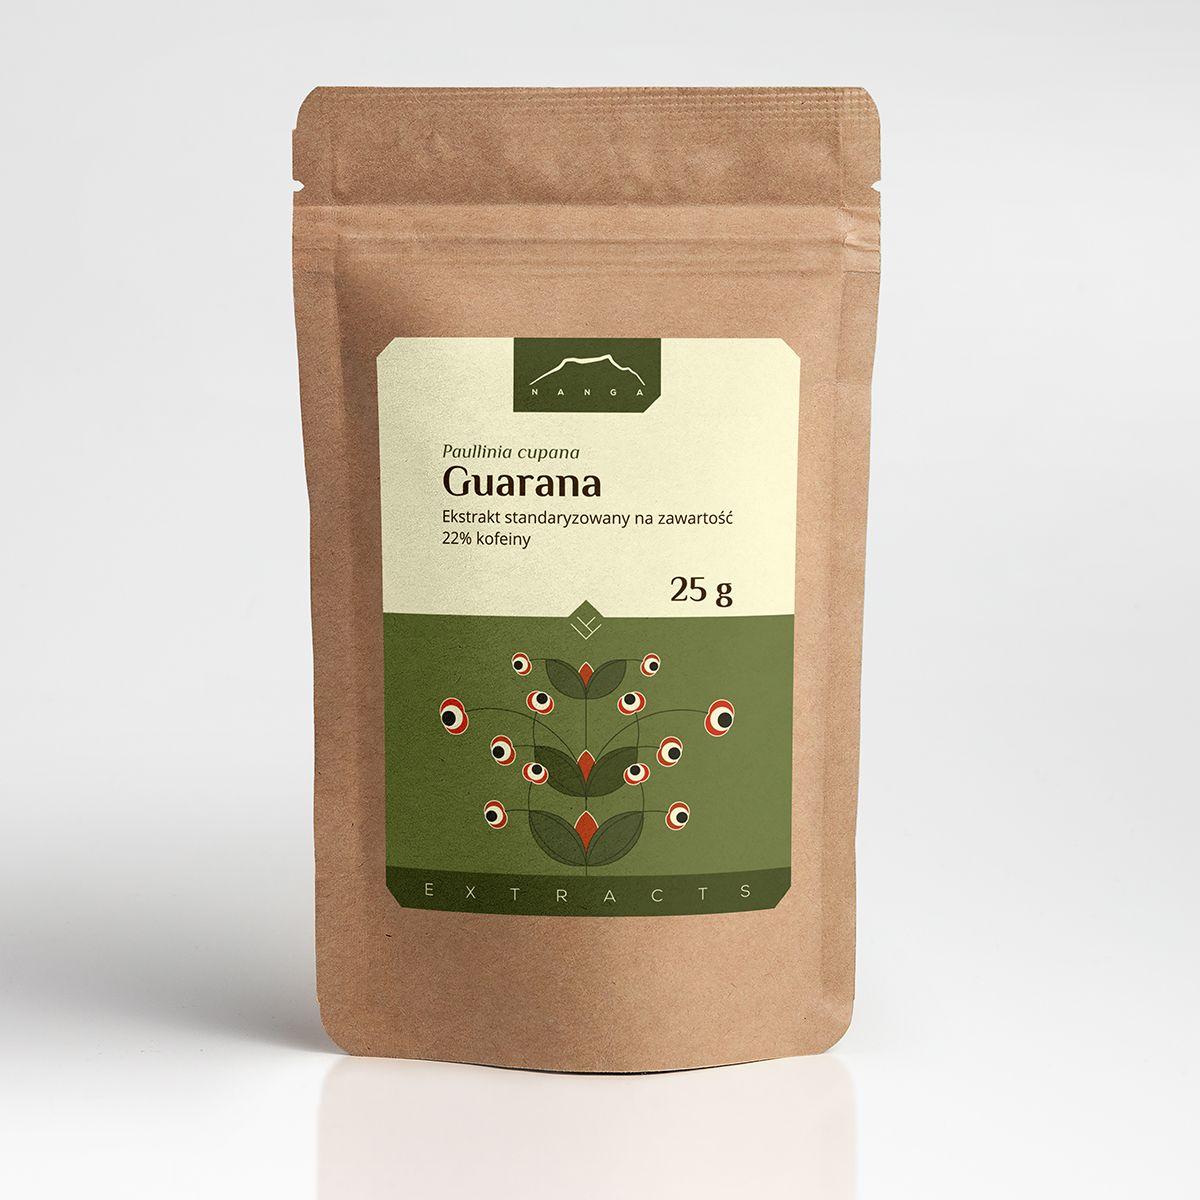 Guarana ekstrakt 22% kofeiny